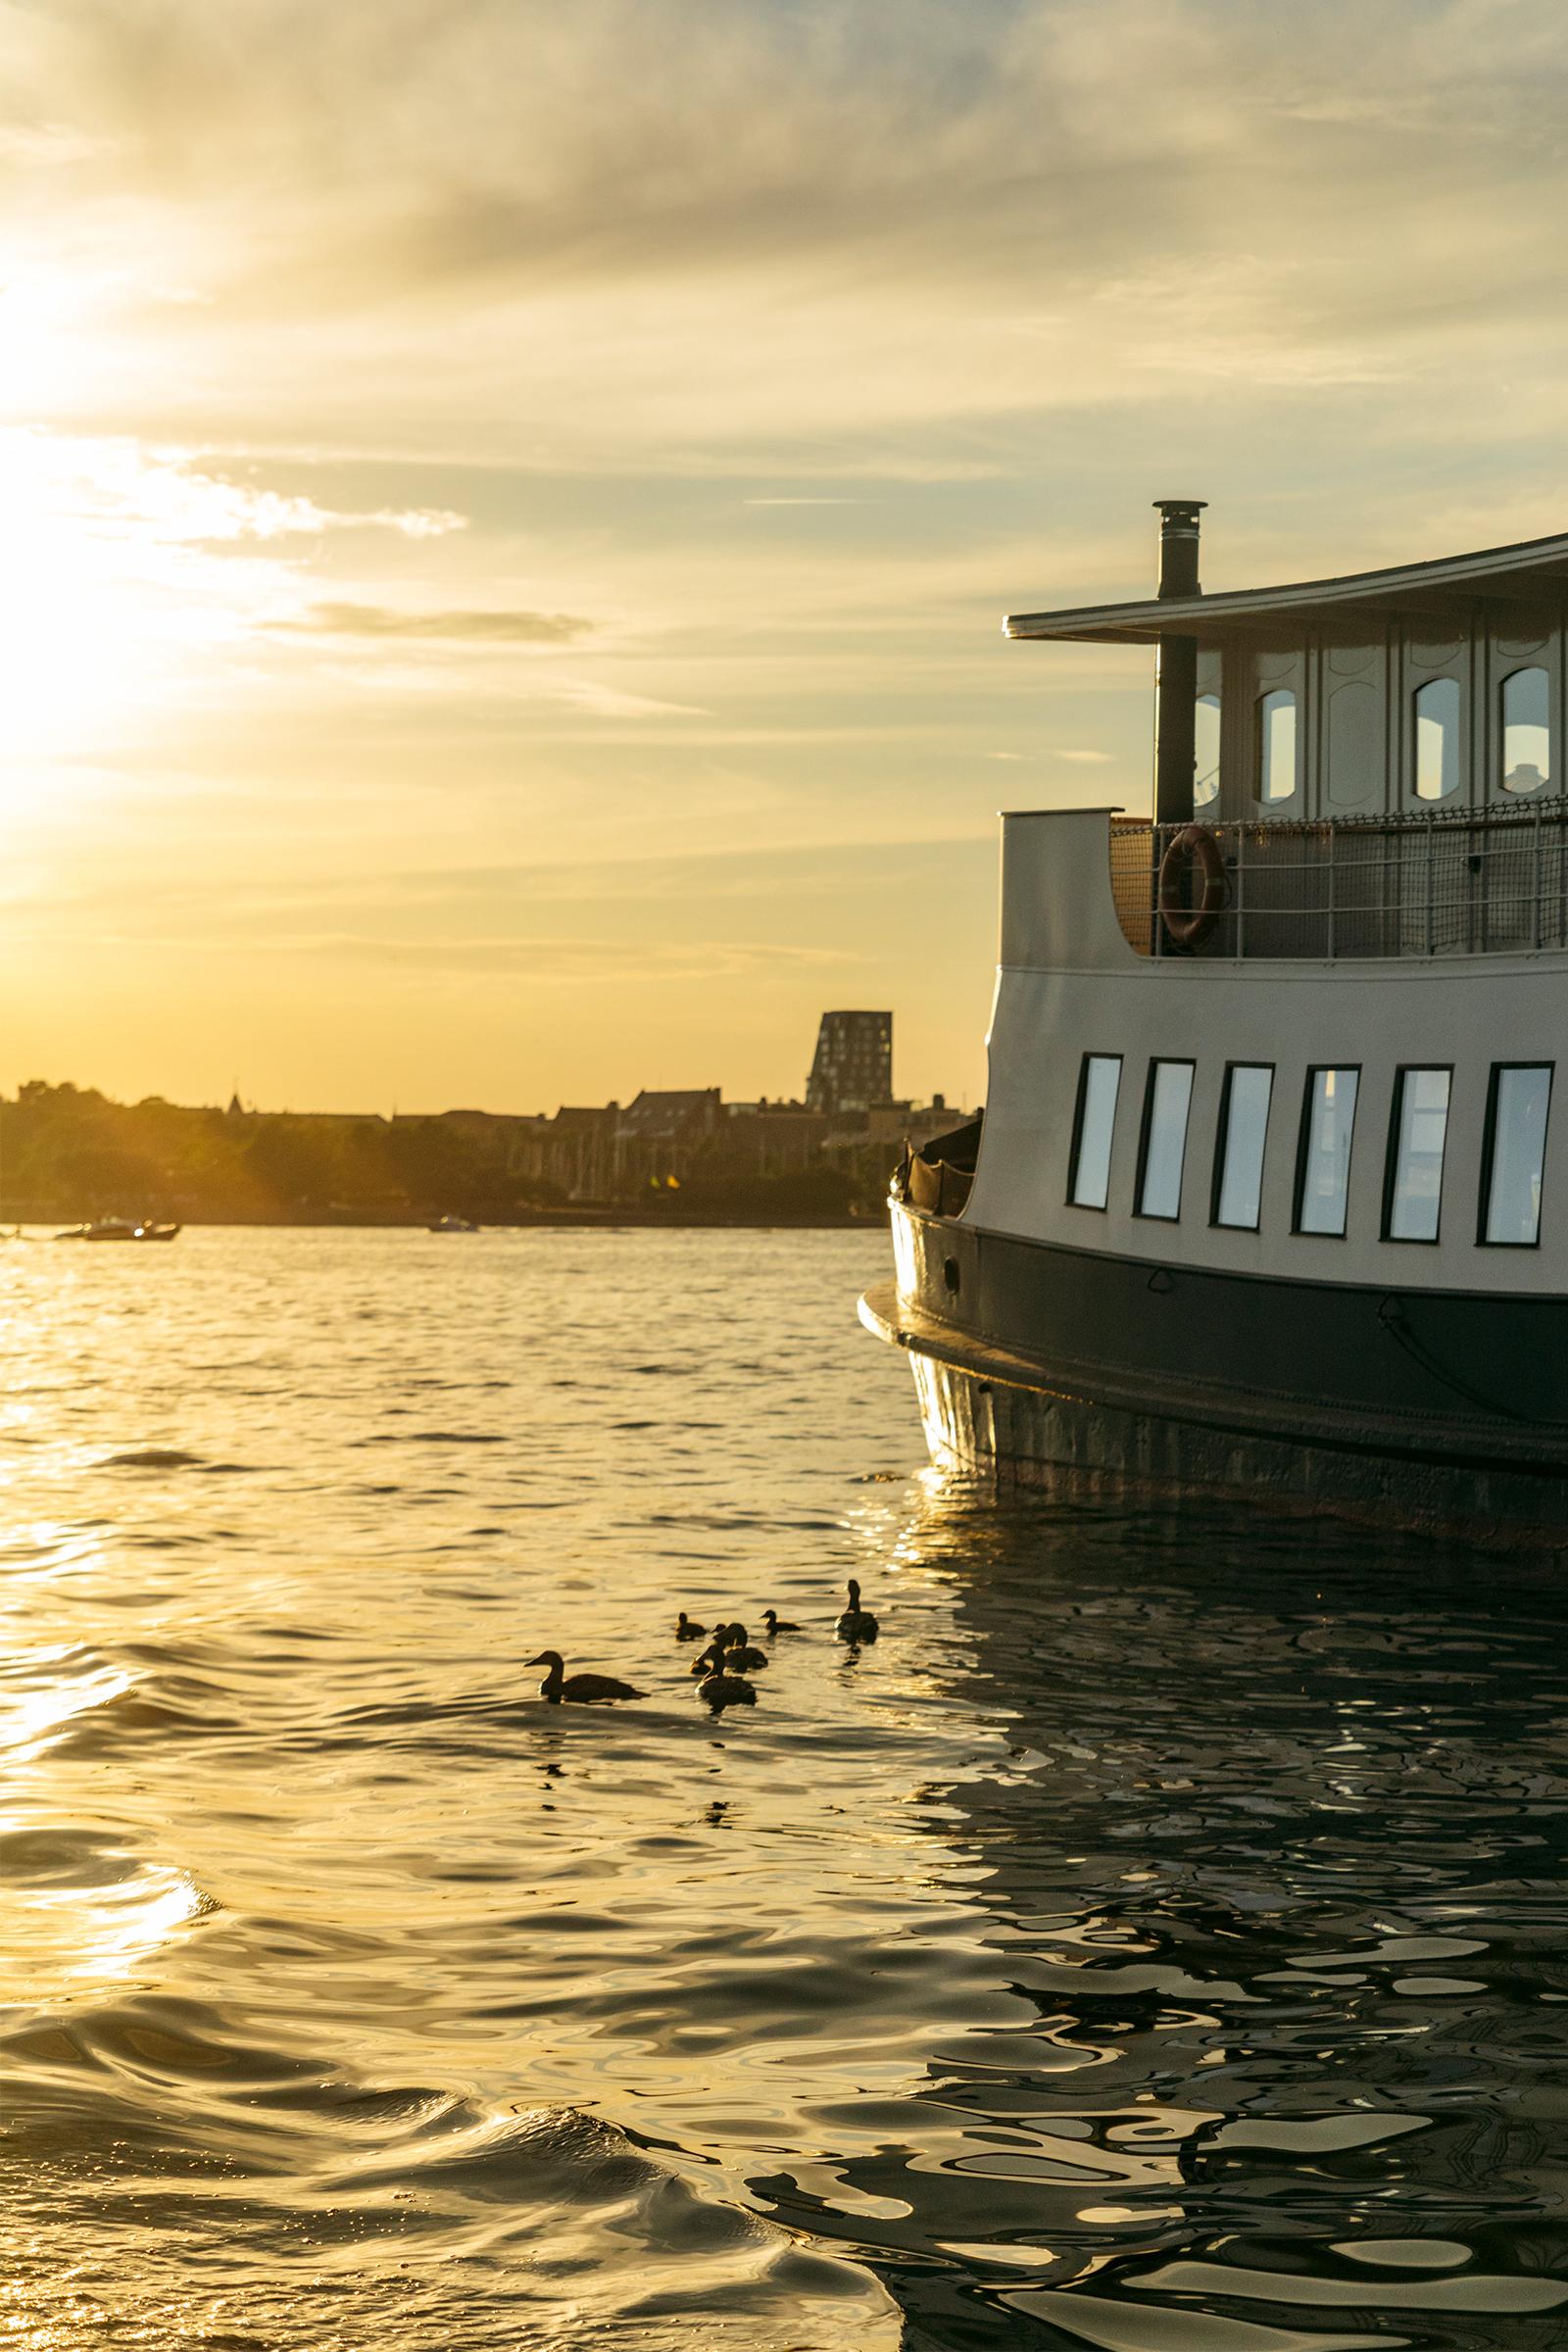 Solnedgang i Inderhavnen / Foto: Andreas Raun Arneberg